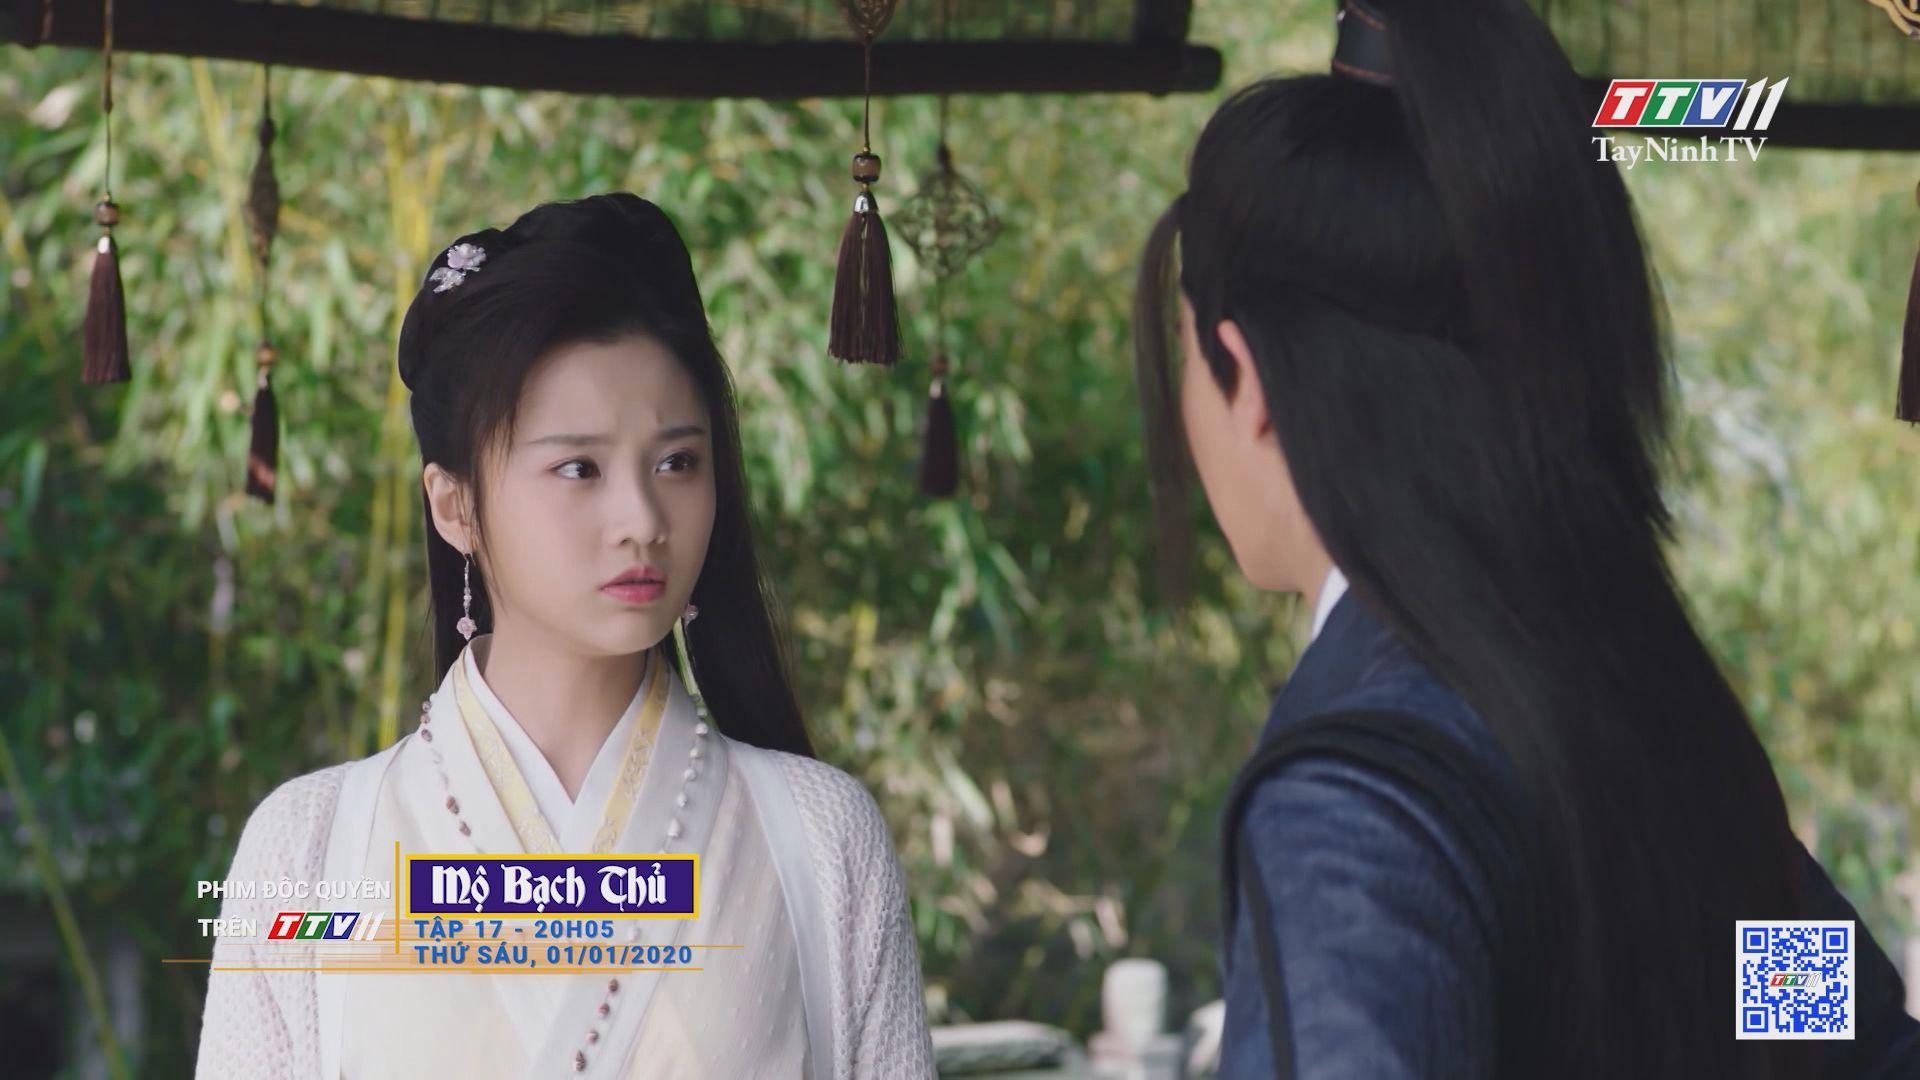 Mộ Bạch Thủ-TẬP 17 trailer | PHIM MỘ BẠCH THỦ | TayNinhTV